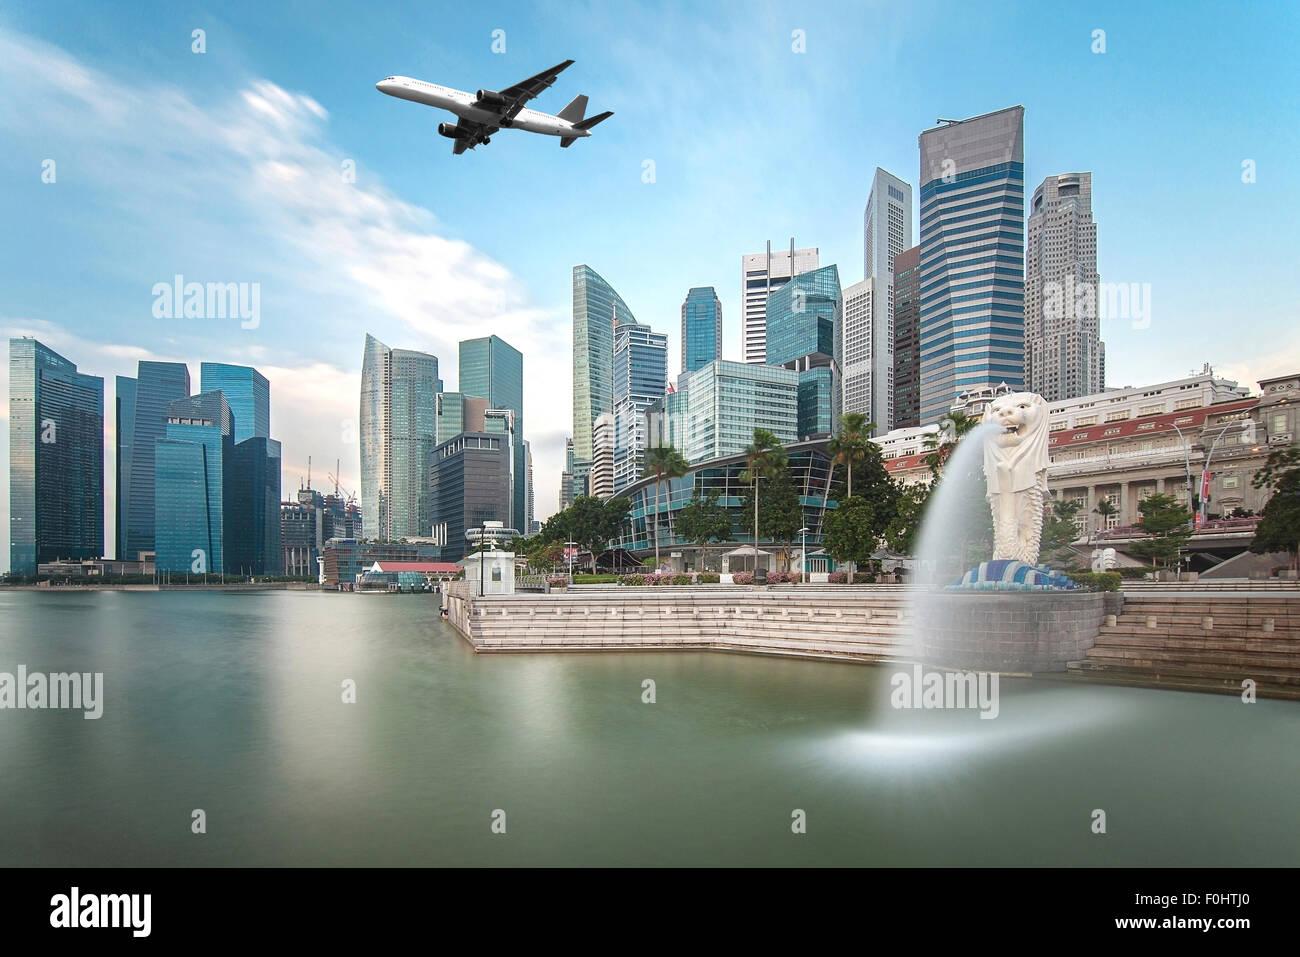 Reisen, Transport-Konzept - Flugzeug fliegen über Singapur Stadt Morgen rechtzeitig Stockbild